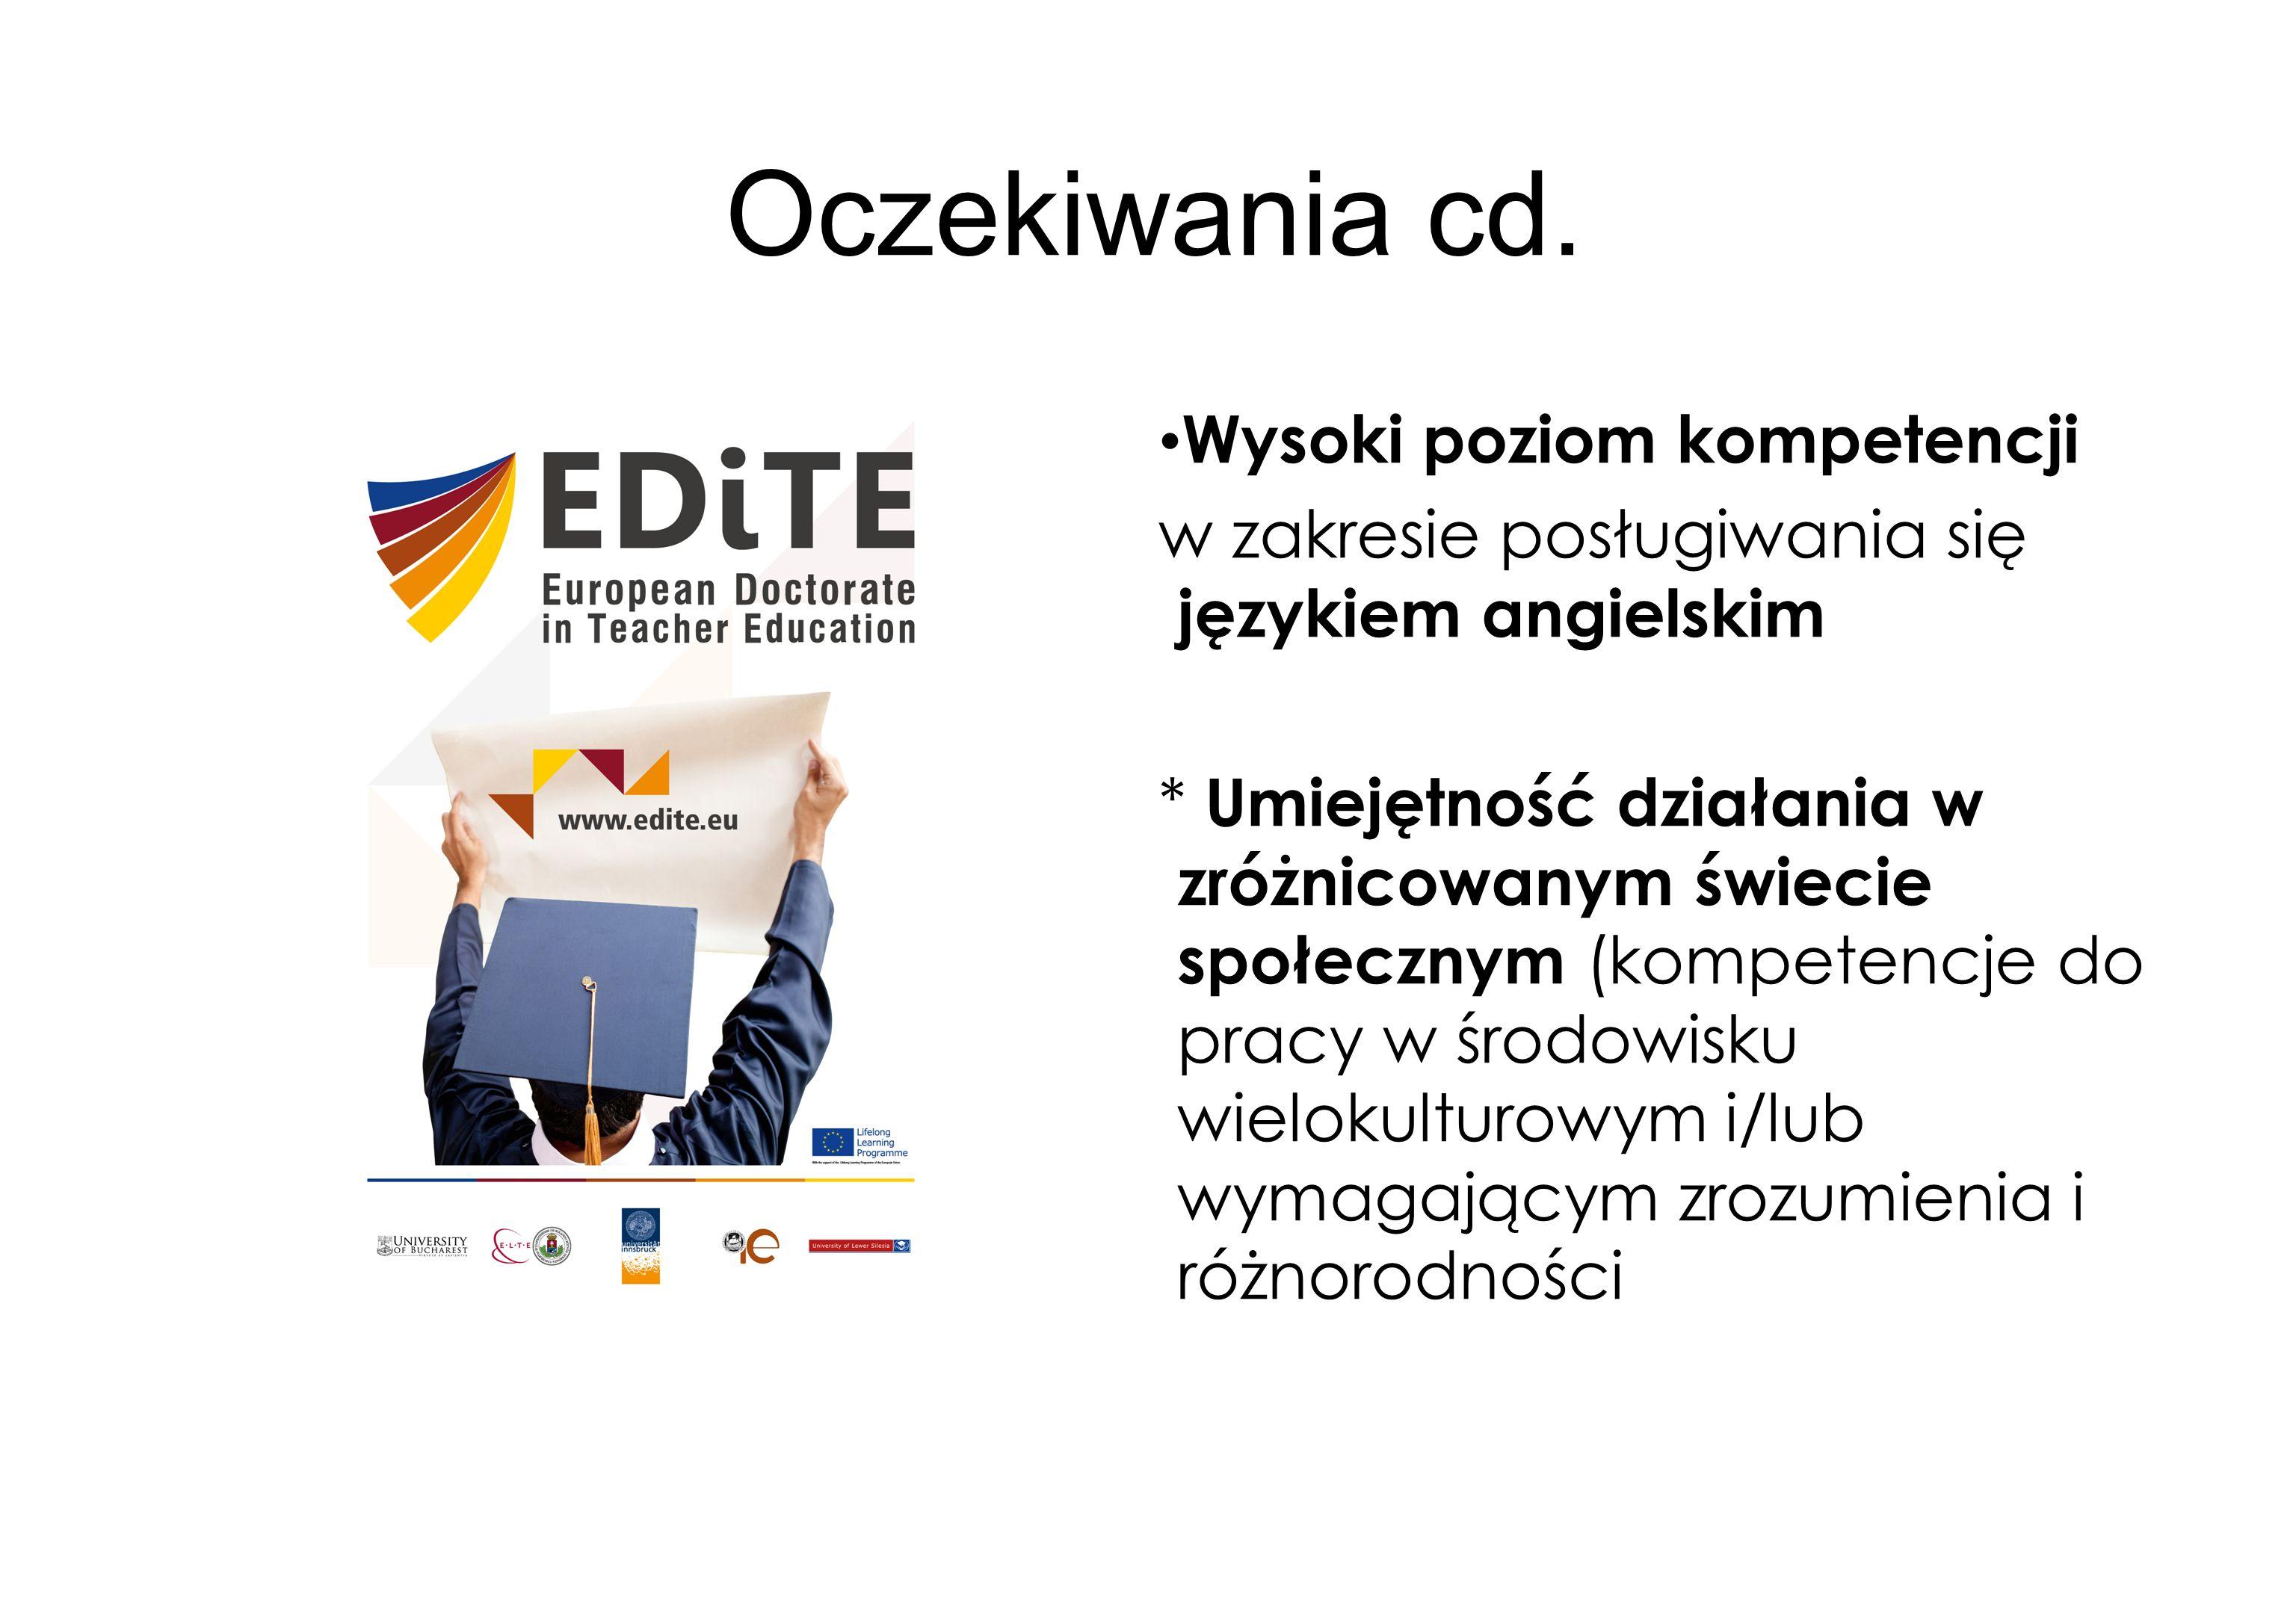 Oczekiwania cd. Wysoki poziom kompetencji w zakresie posługiwania się językiem angielskim * Umiejętność działania w zróżnicowanym świecie społecznym (